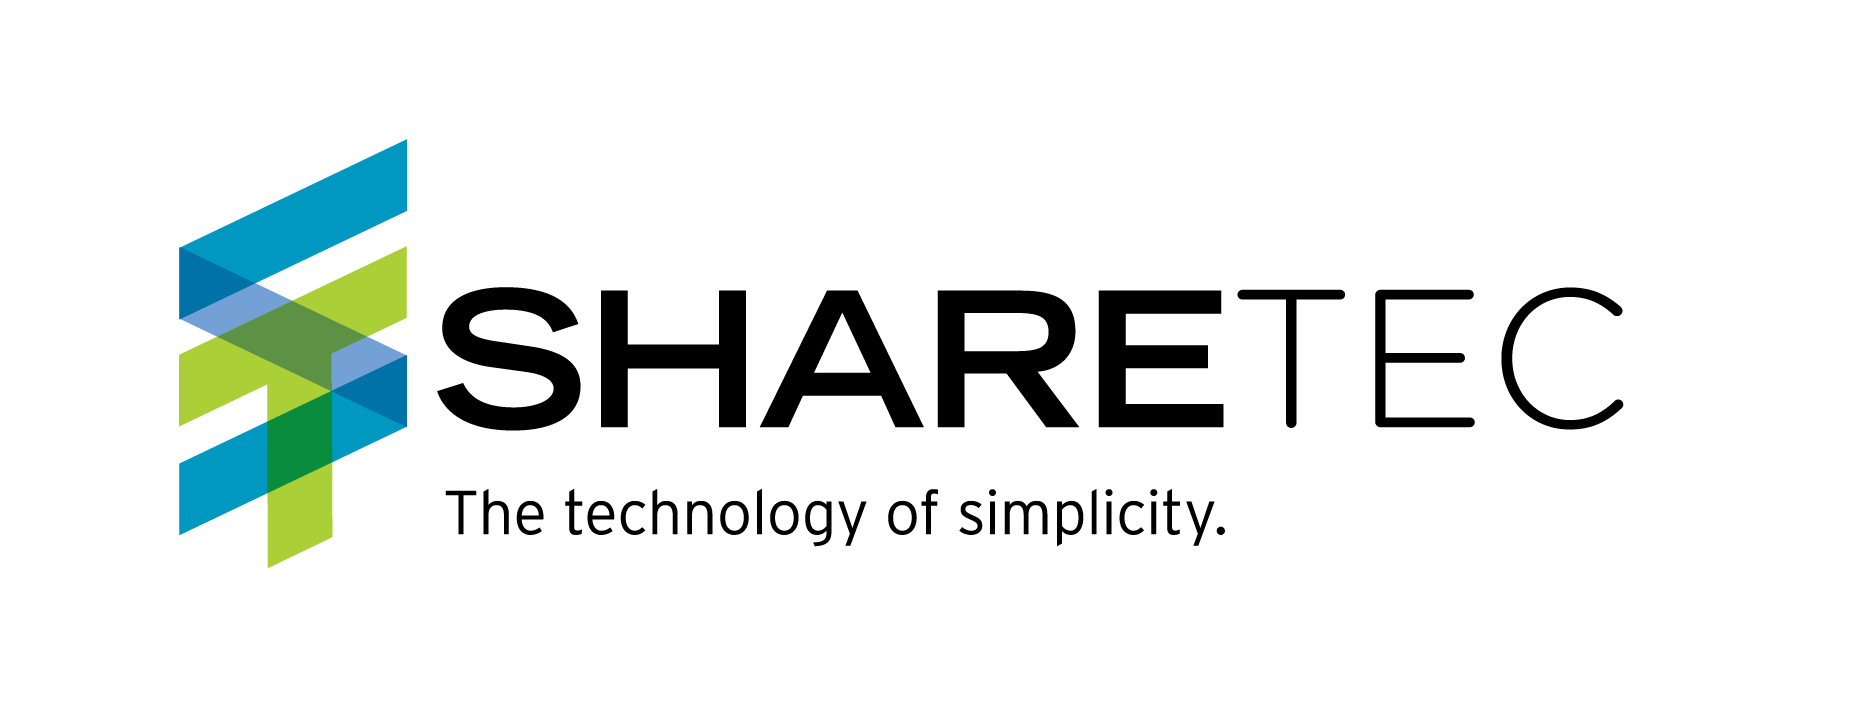 Shartec_logo4c_tag-01